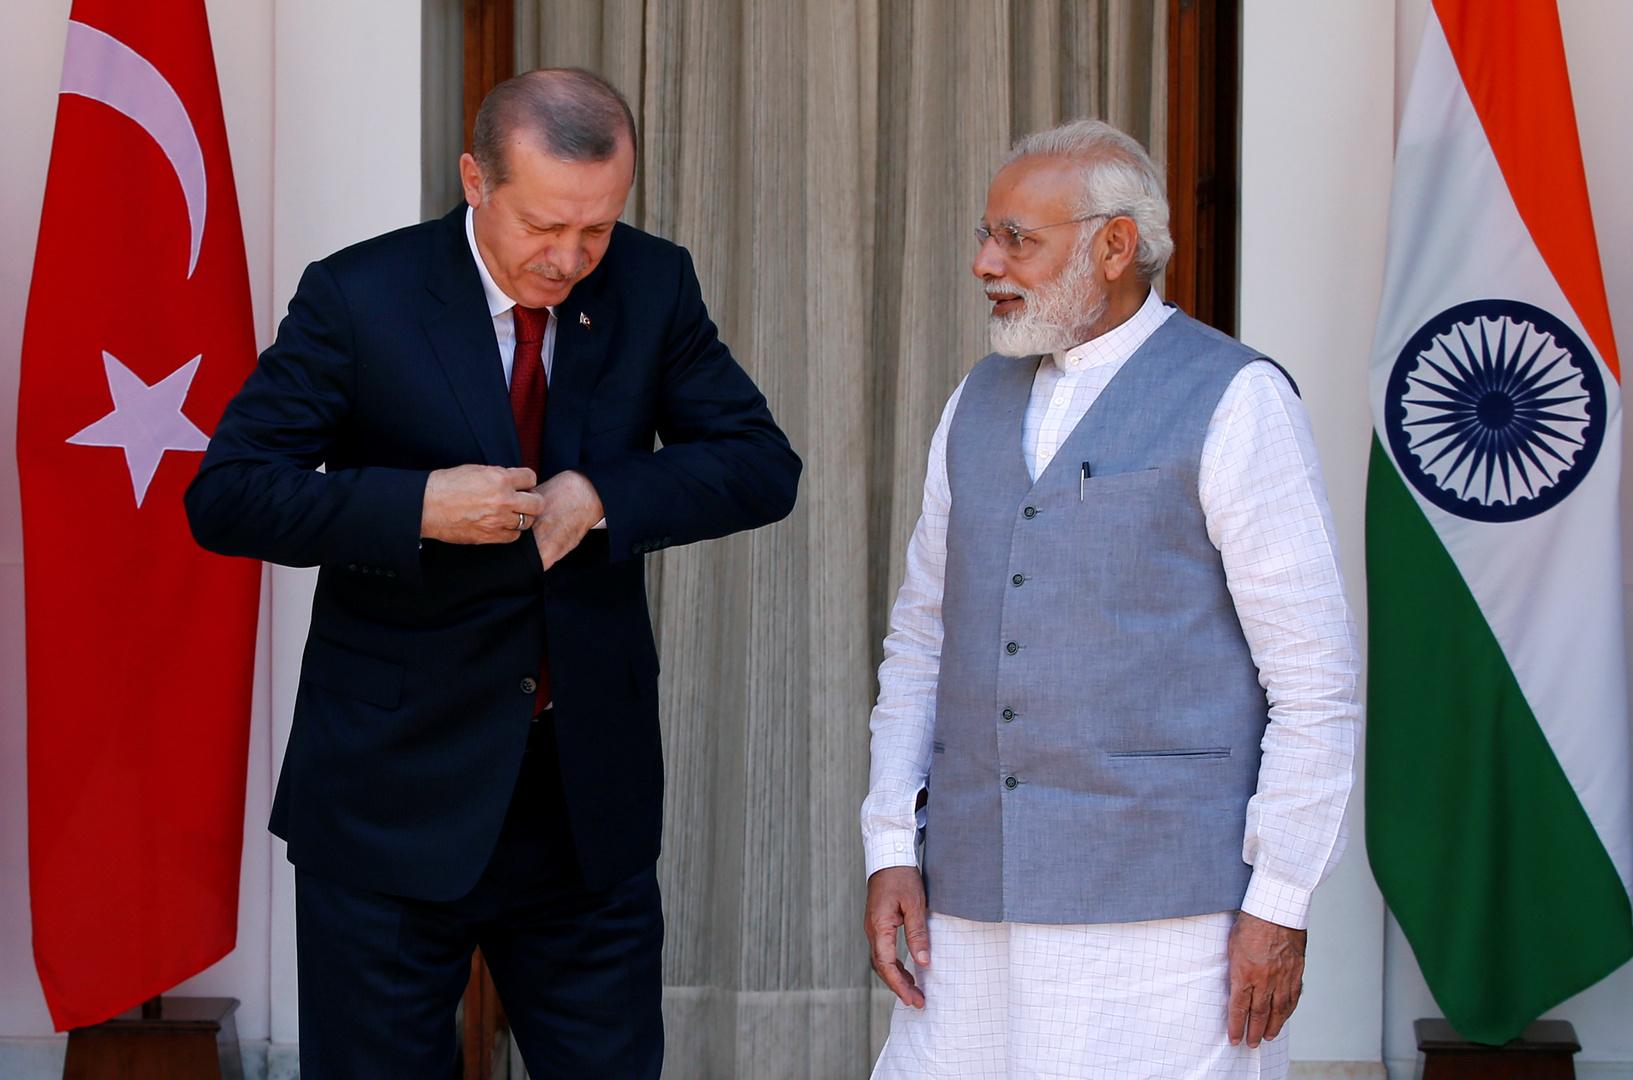 صورة أرشيفية من زيارة أردوغان إلى الهند في 2017